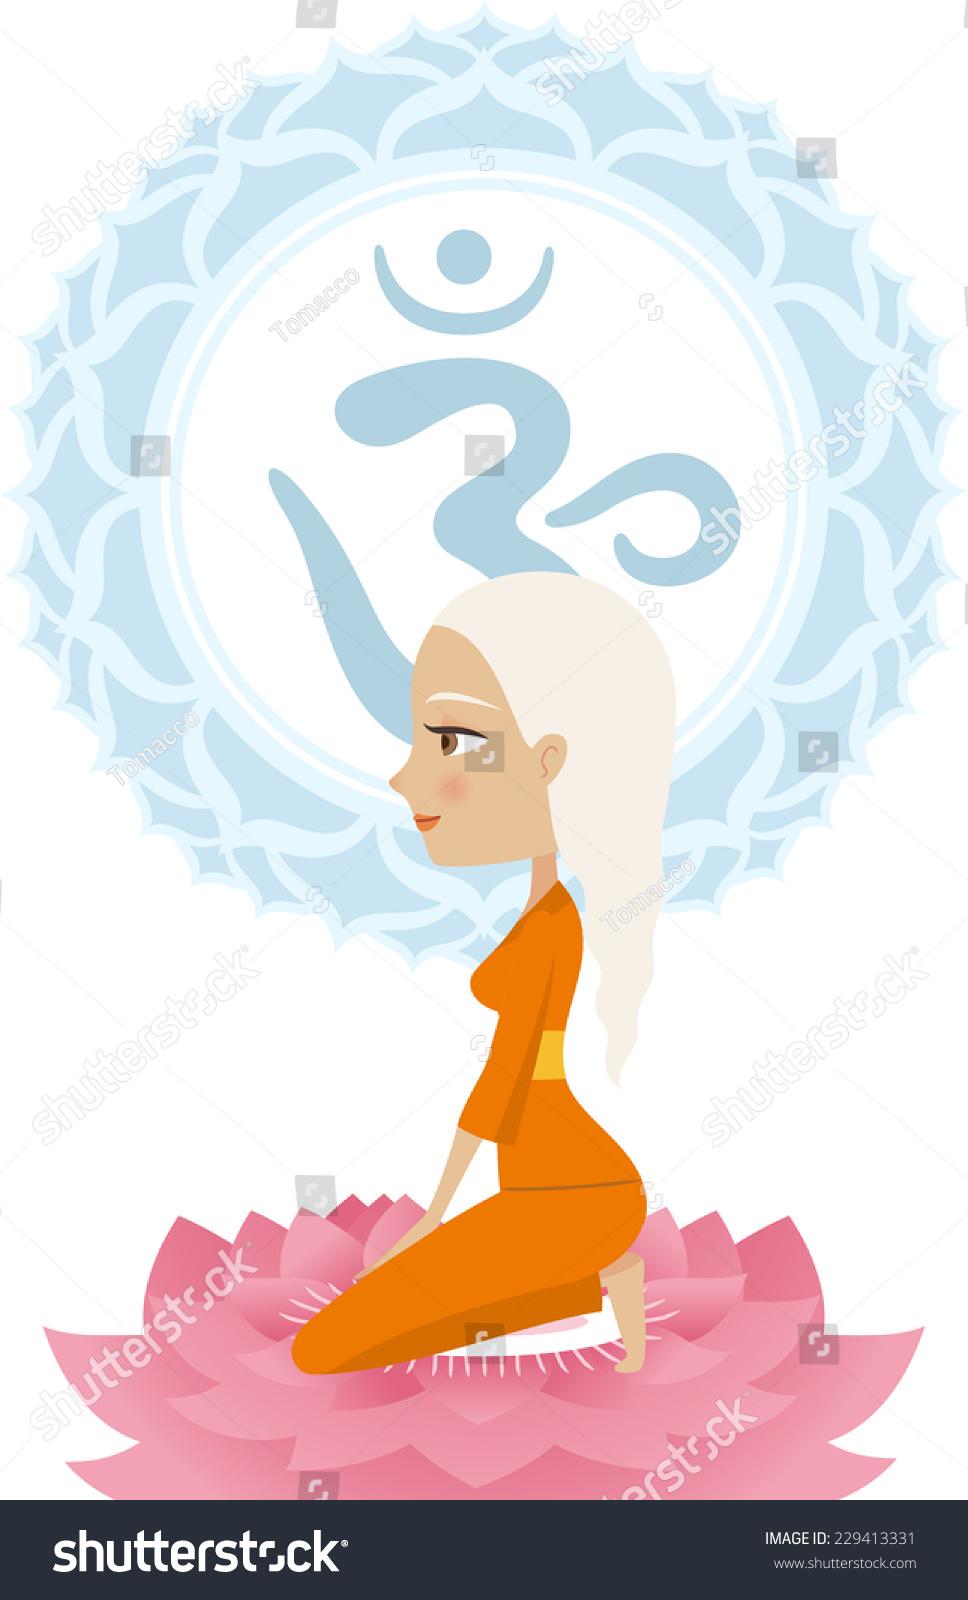 沉思冥想体式瑜伽姿势与曼荼罗om符号向量插图.